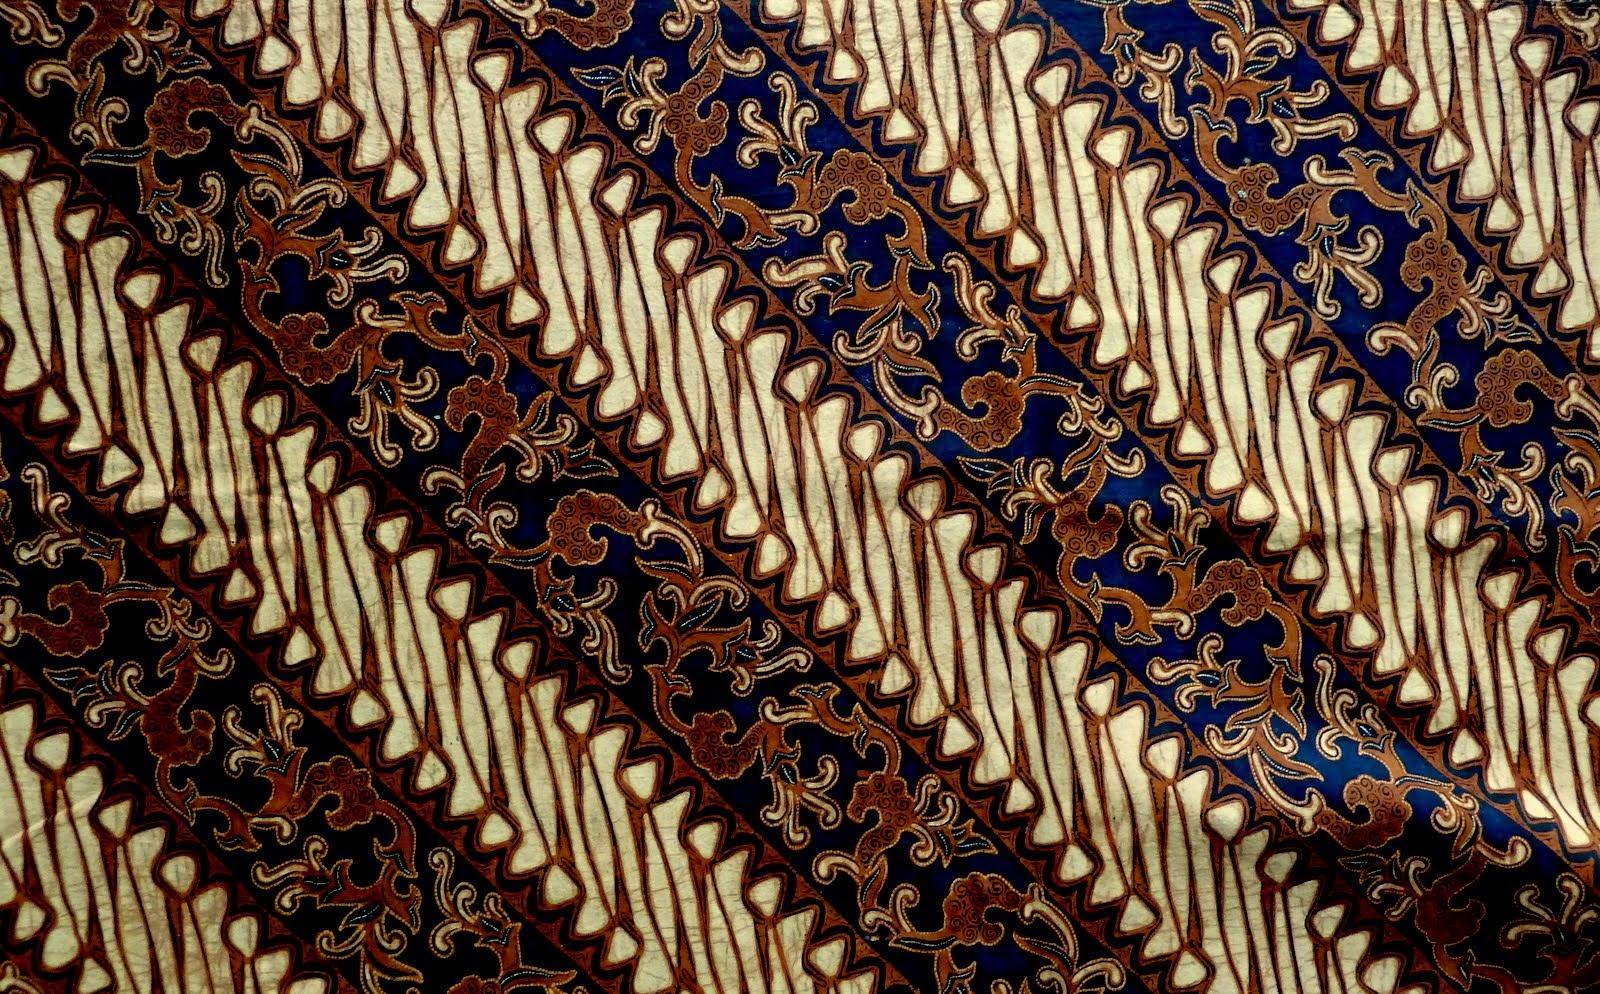 Bahan-bahan yang dipergunakan untuk pewarnaan masih tetap banyak memakai  bahan-bahan dalam negeri seperti soga Jawa yang sudah terkenal sejak dari  dahulu. 3fc32db63d